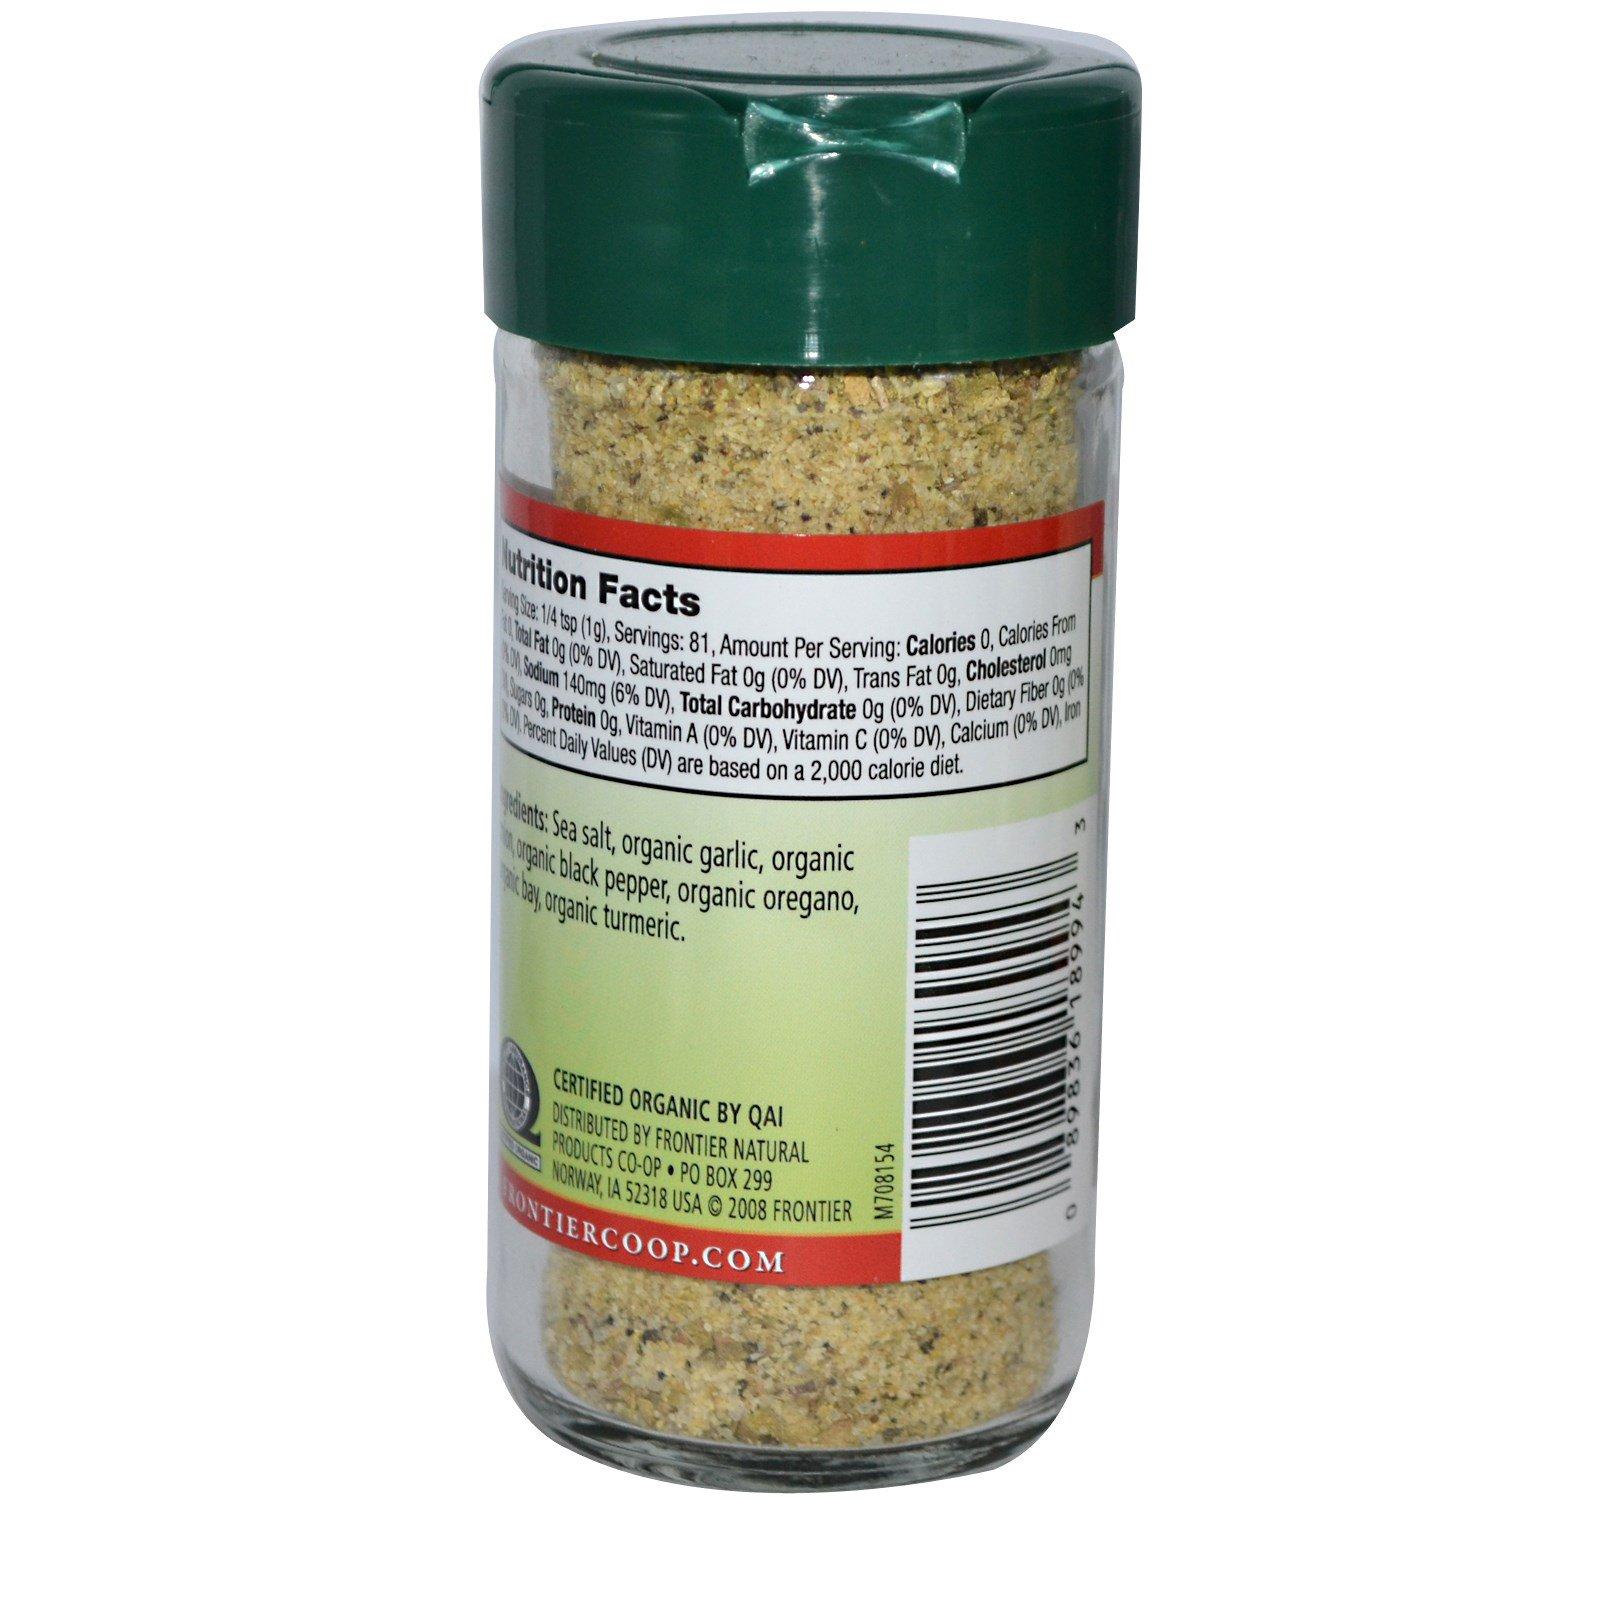 Frontier Natural Products, Органическая приправа адобо, смесь приправ, 2,86 унции (81 г)